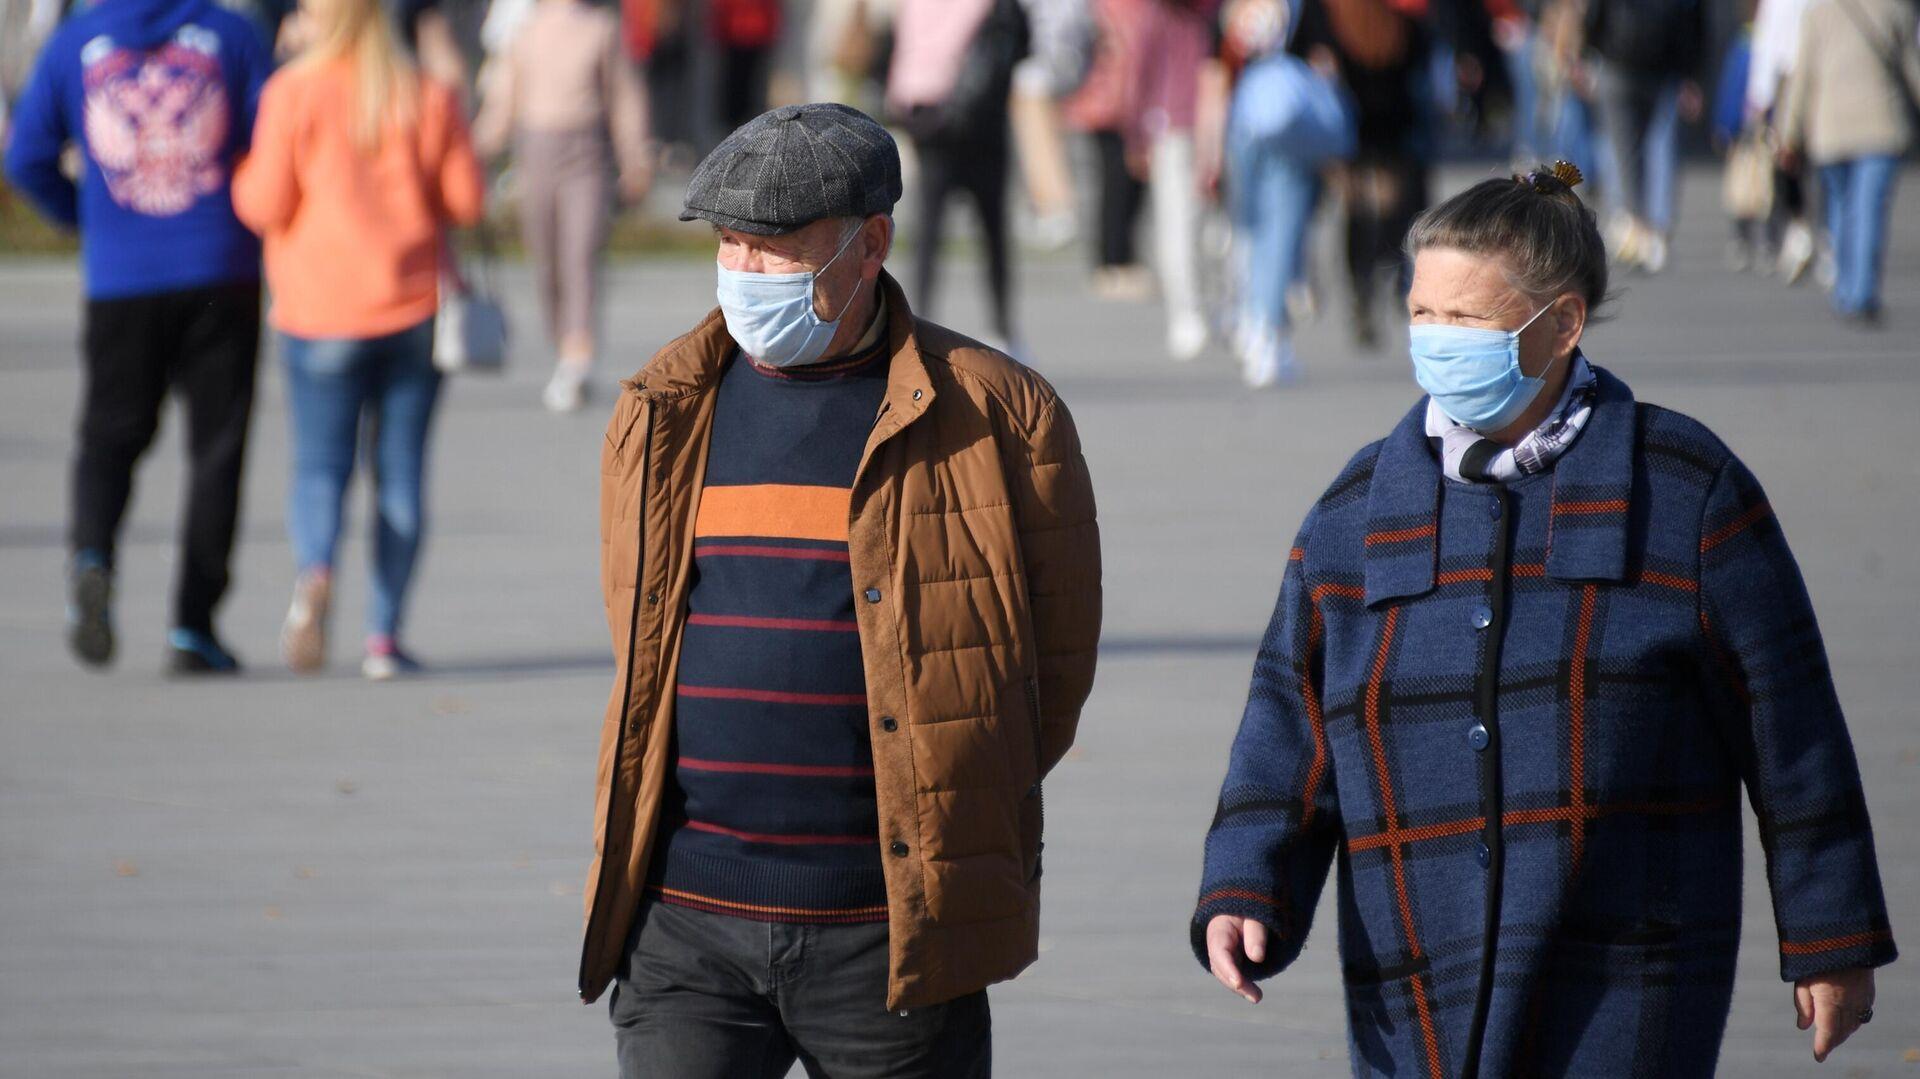 Люди в медицинских масках на территории парка ВДНХ в Москве - РИА Новости, 1920, 22.10.2020